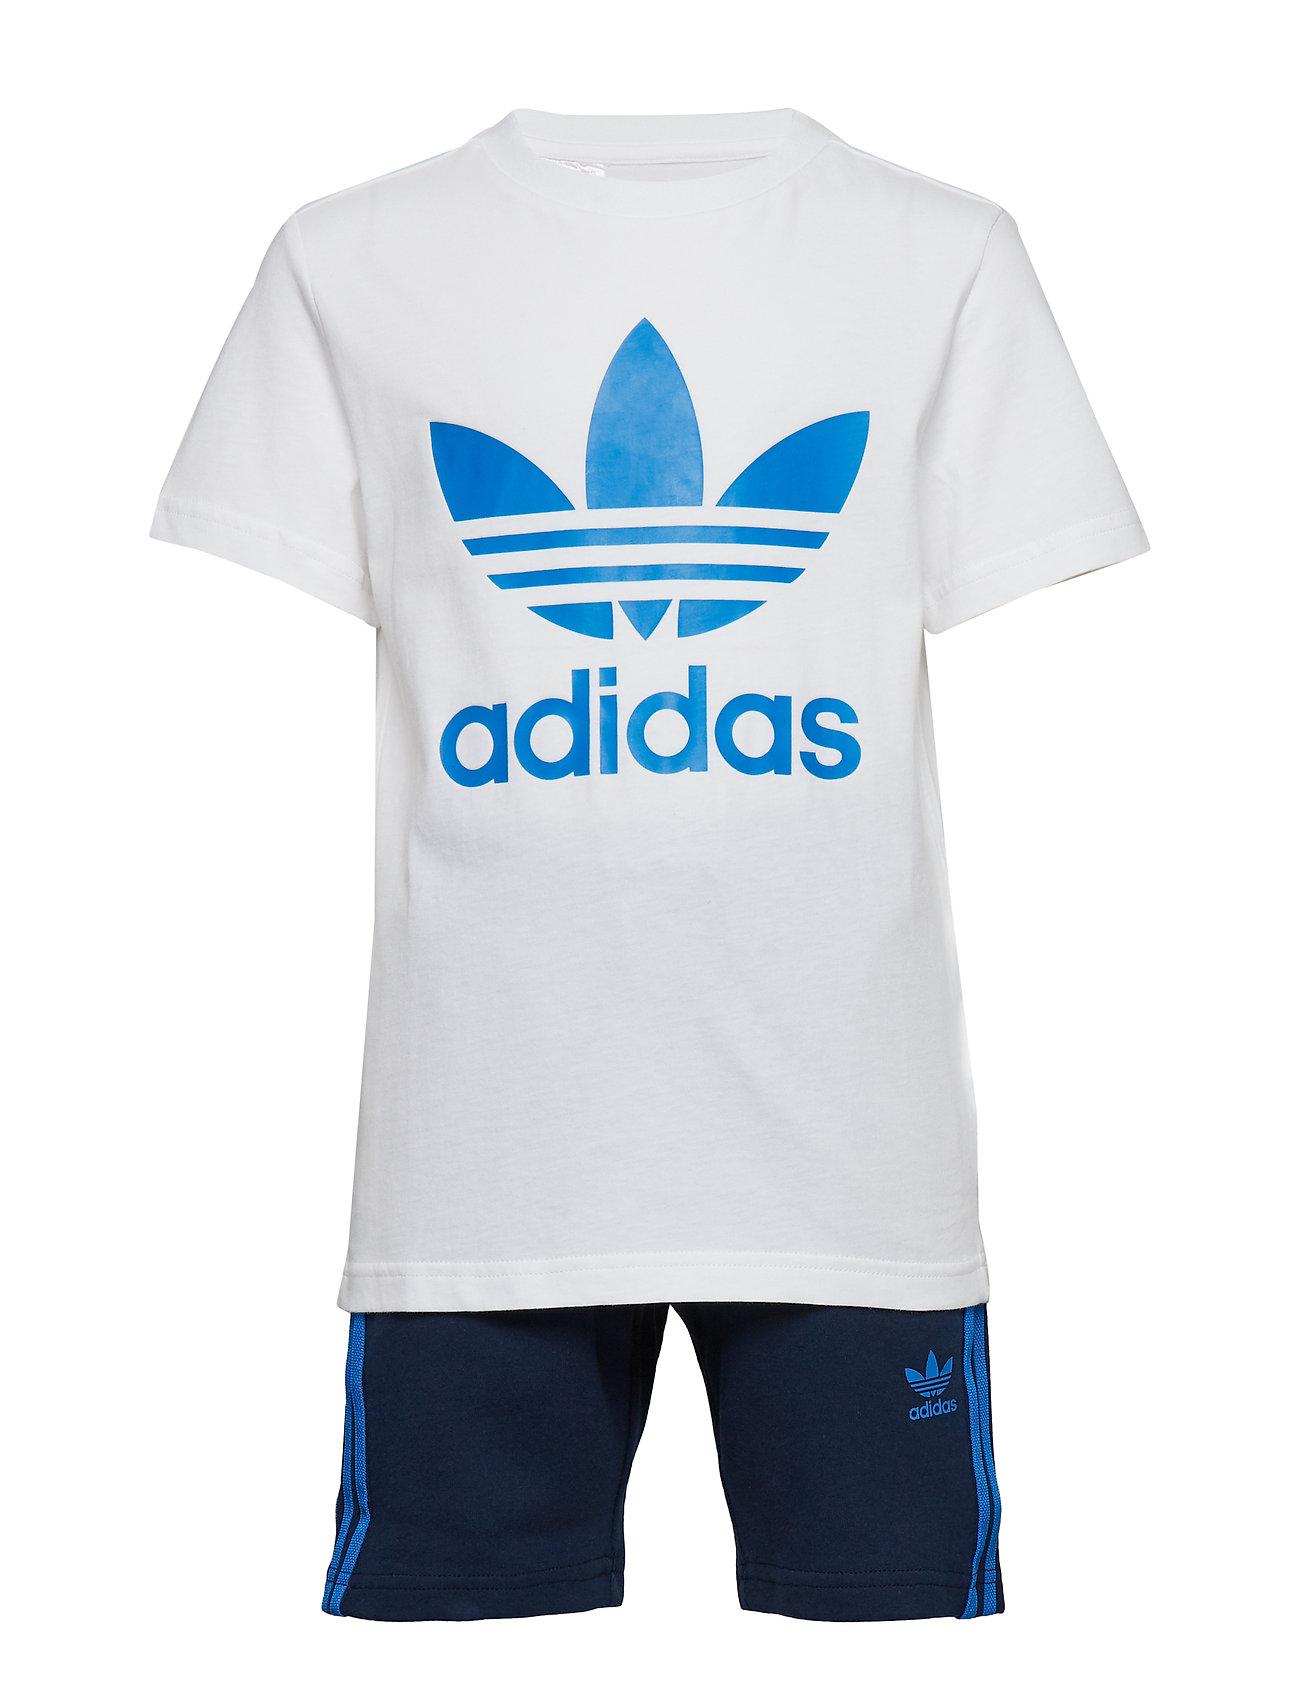 adidas Originals SHORT TEE SET - WHITE/BLUBIR